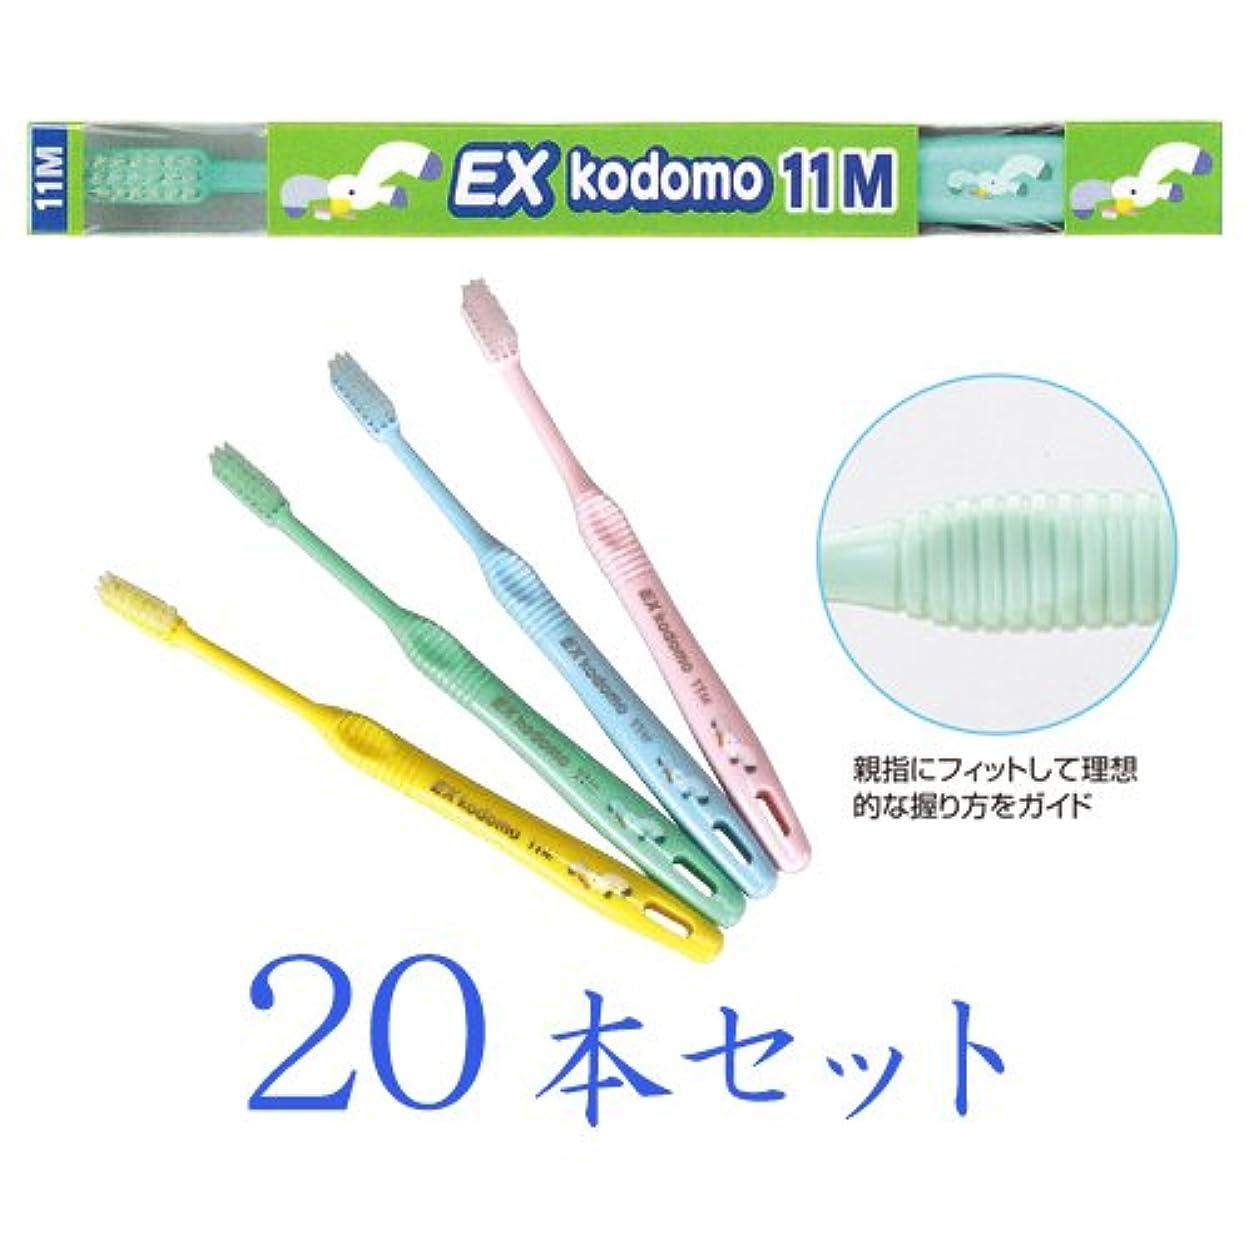 牛肉メールを書くキャストライオン DENT.EX コドモ歯ブラシ 20本入 11M(混合歯列後期用?8~12歳)(カモメ)